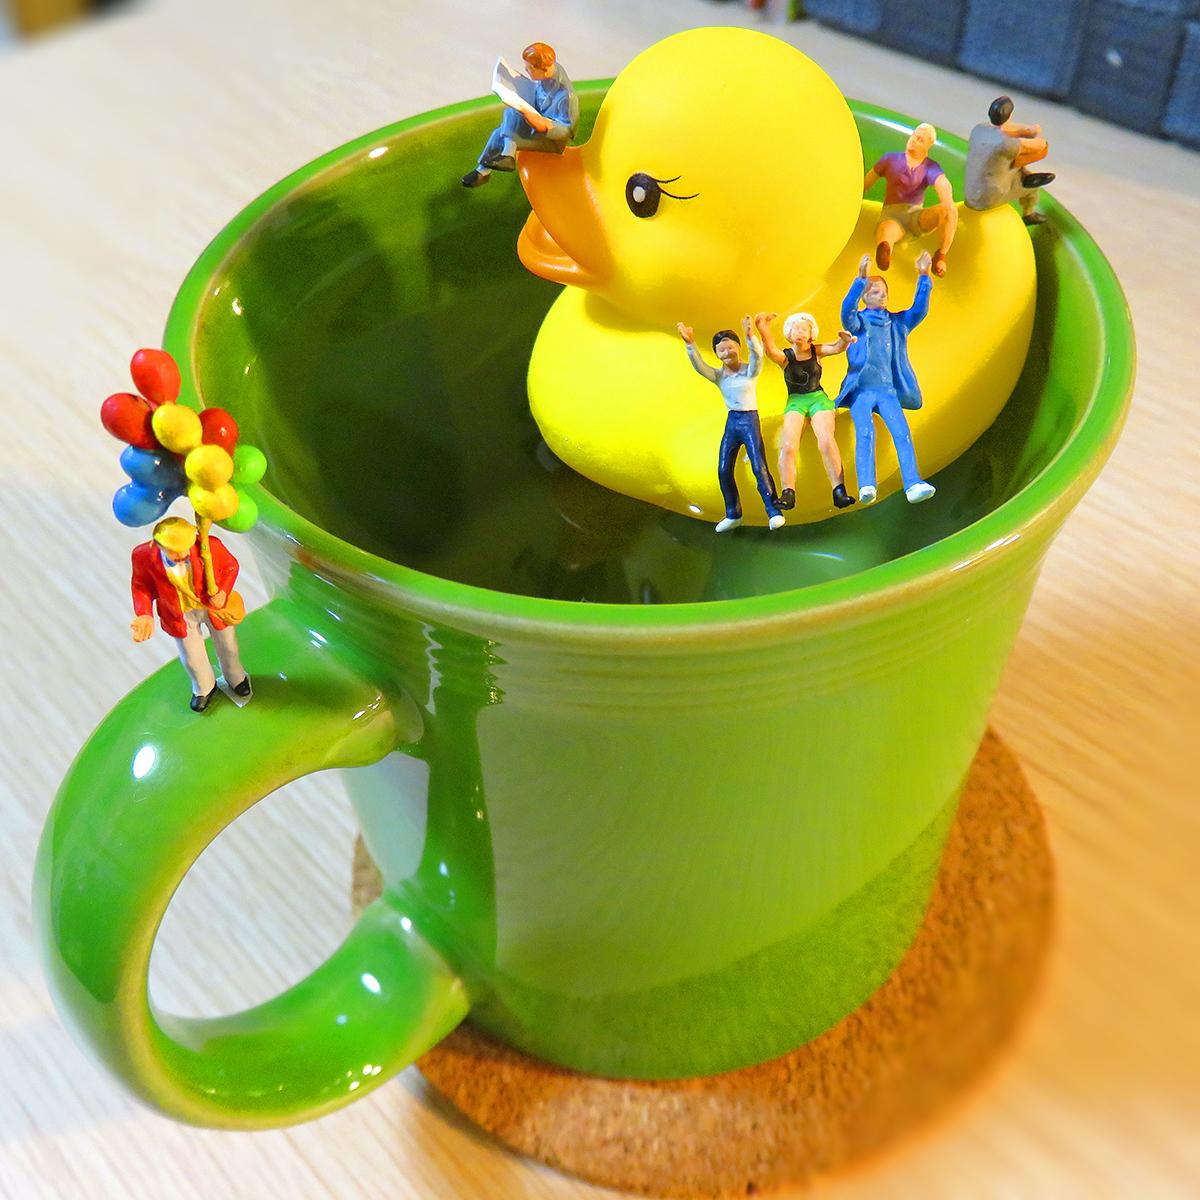 コップの水にアヒルゴムを浮かせて乗って楽しむ人達